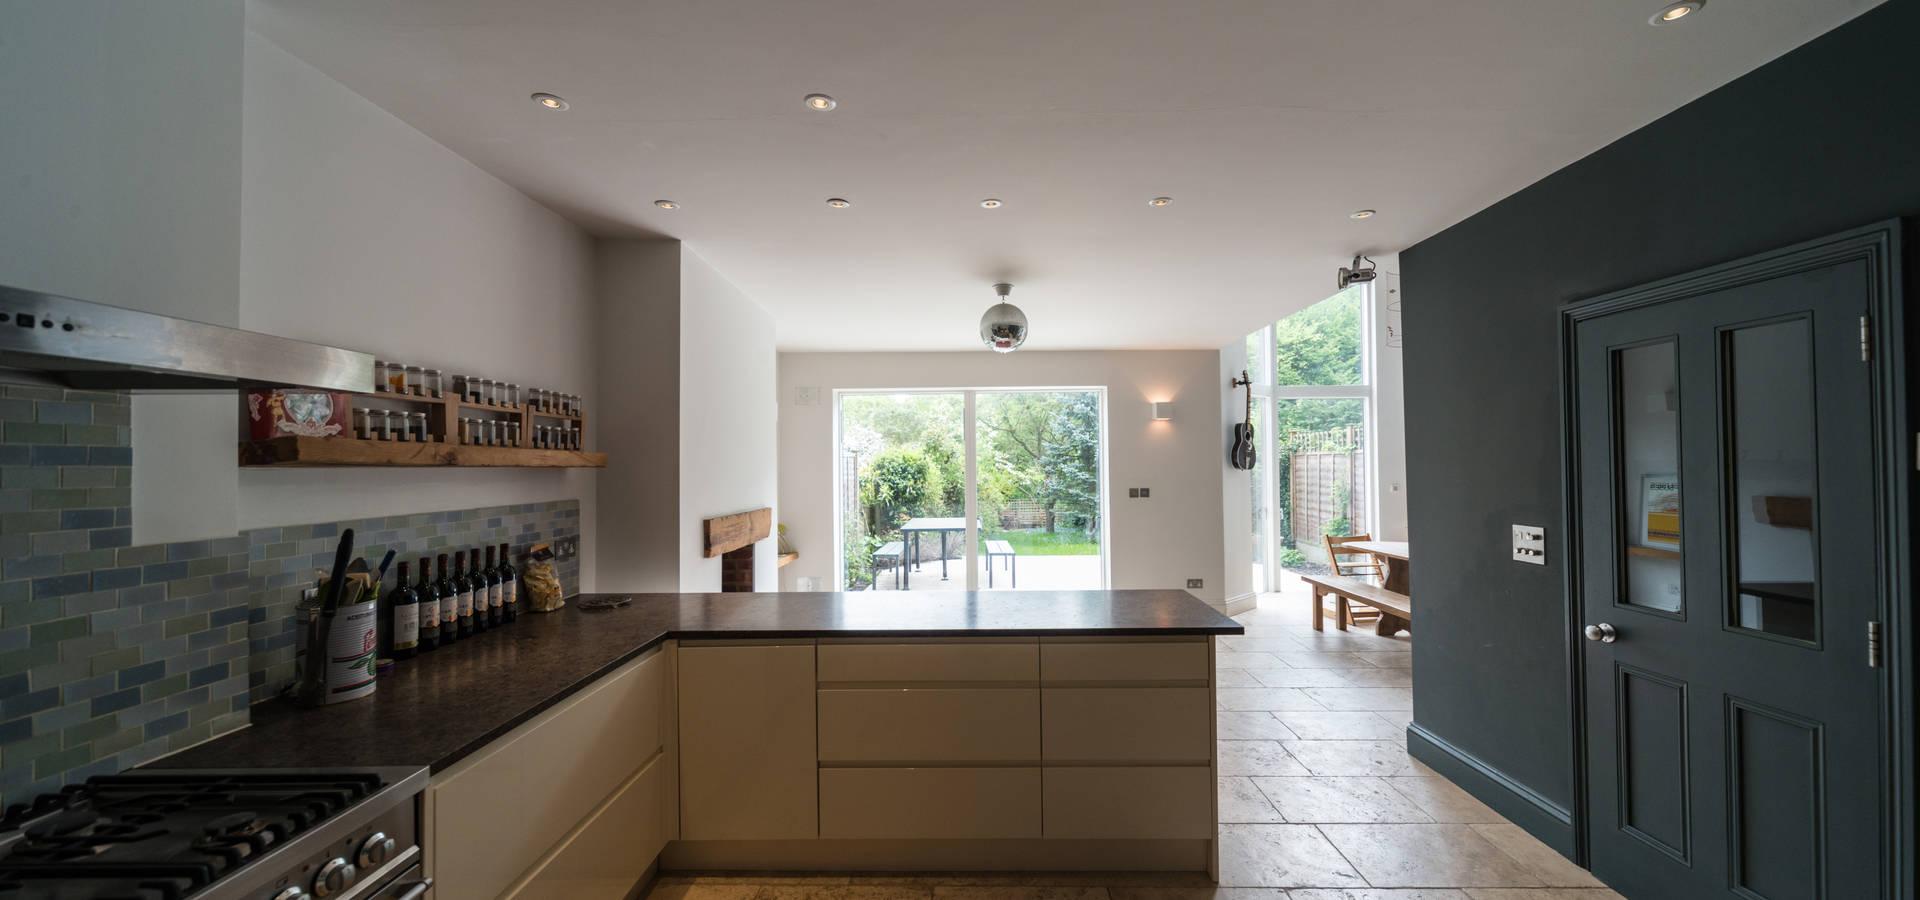 Goldsmith Architects